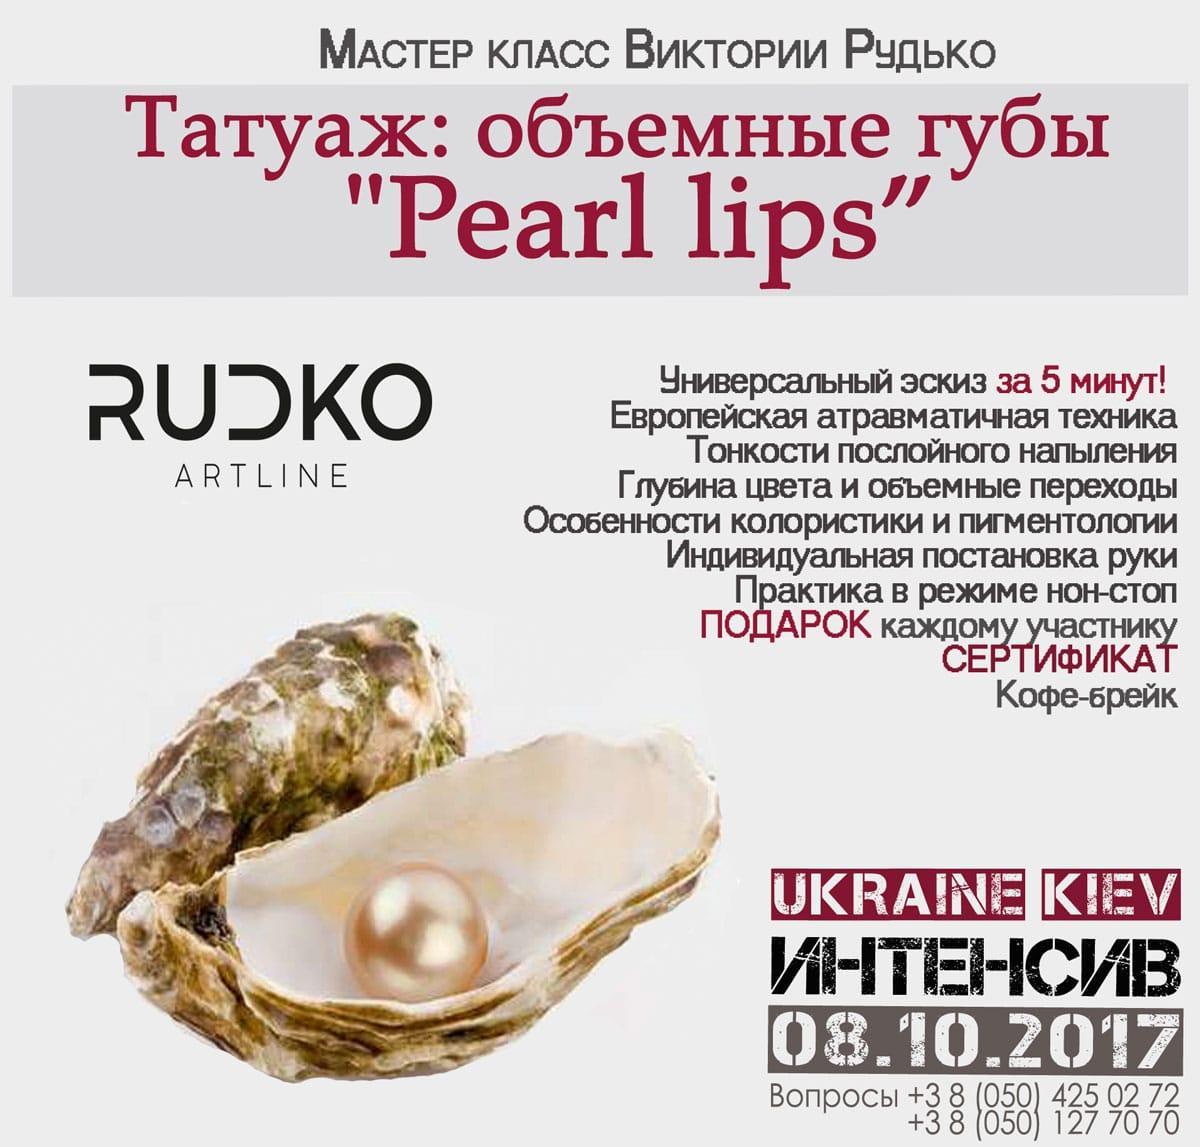 Мастер класс по татуажу: Объемные губы Pearl lips- Виктория Рудько